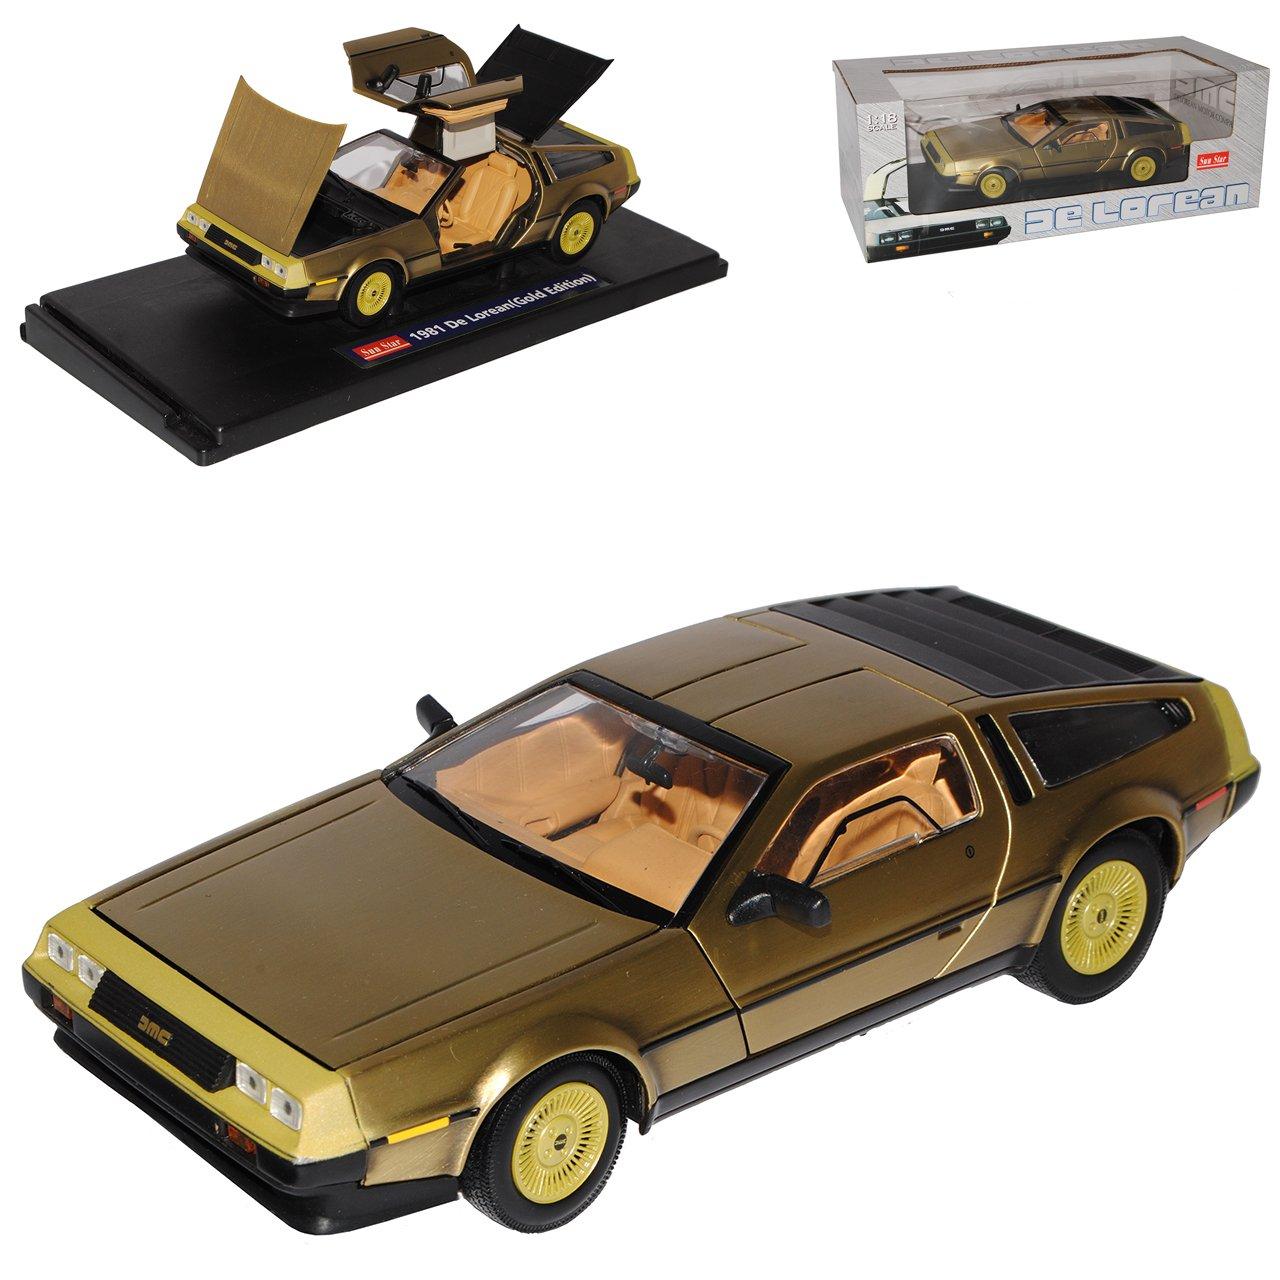 Sun Star Delorean DMC Coupe Gold aus Zurück in die Zukunft Back to The Future 1 18 Modell Auto B072NF7CLK Motorfahrzeuge Förderung  | Auf Verkauf